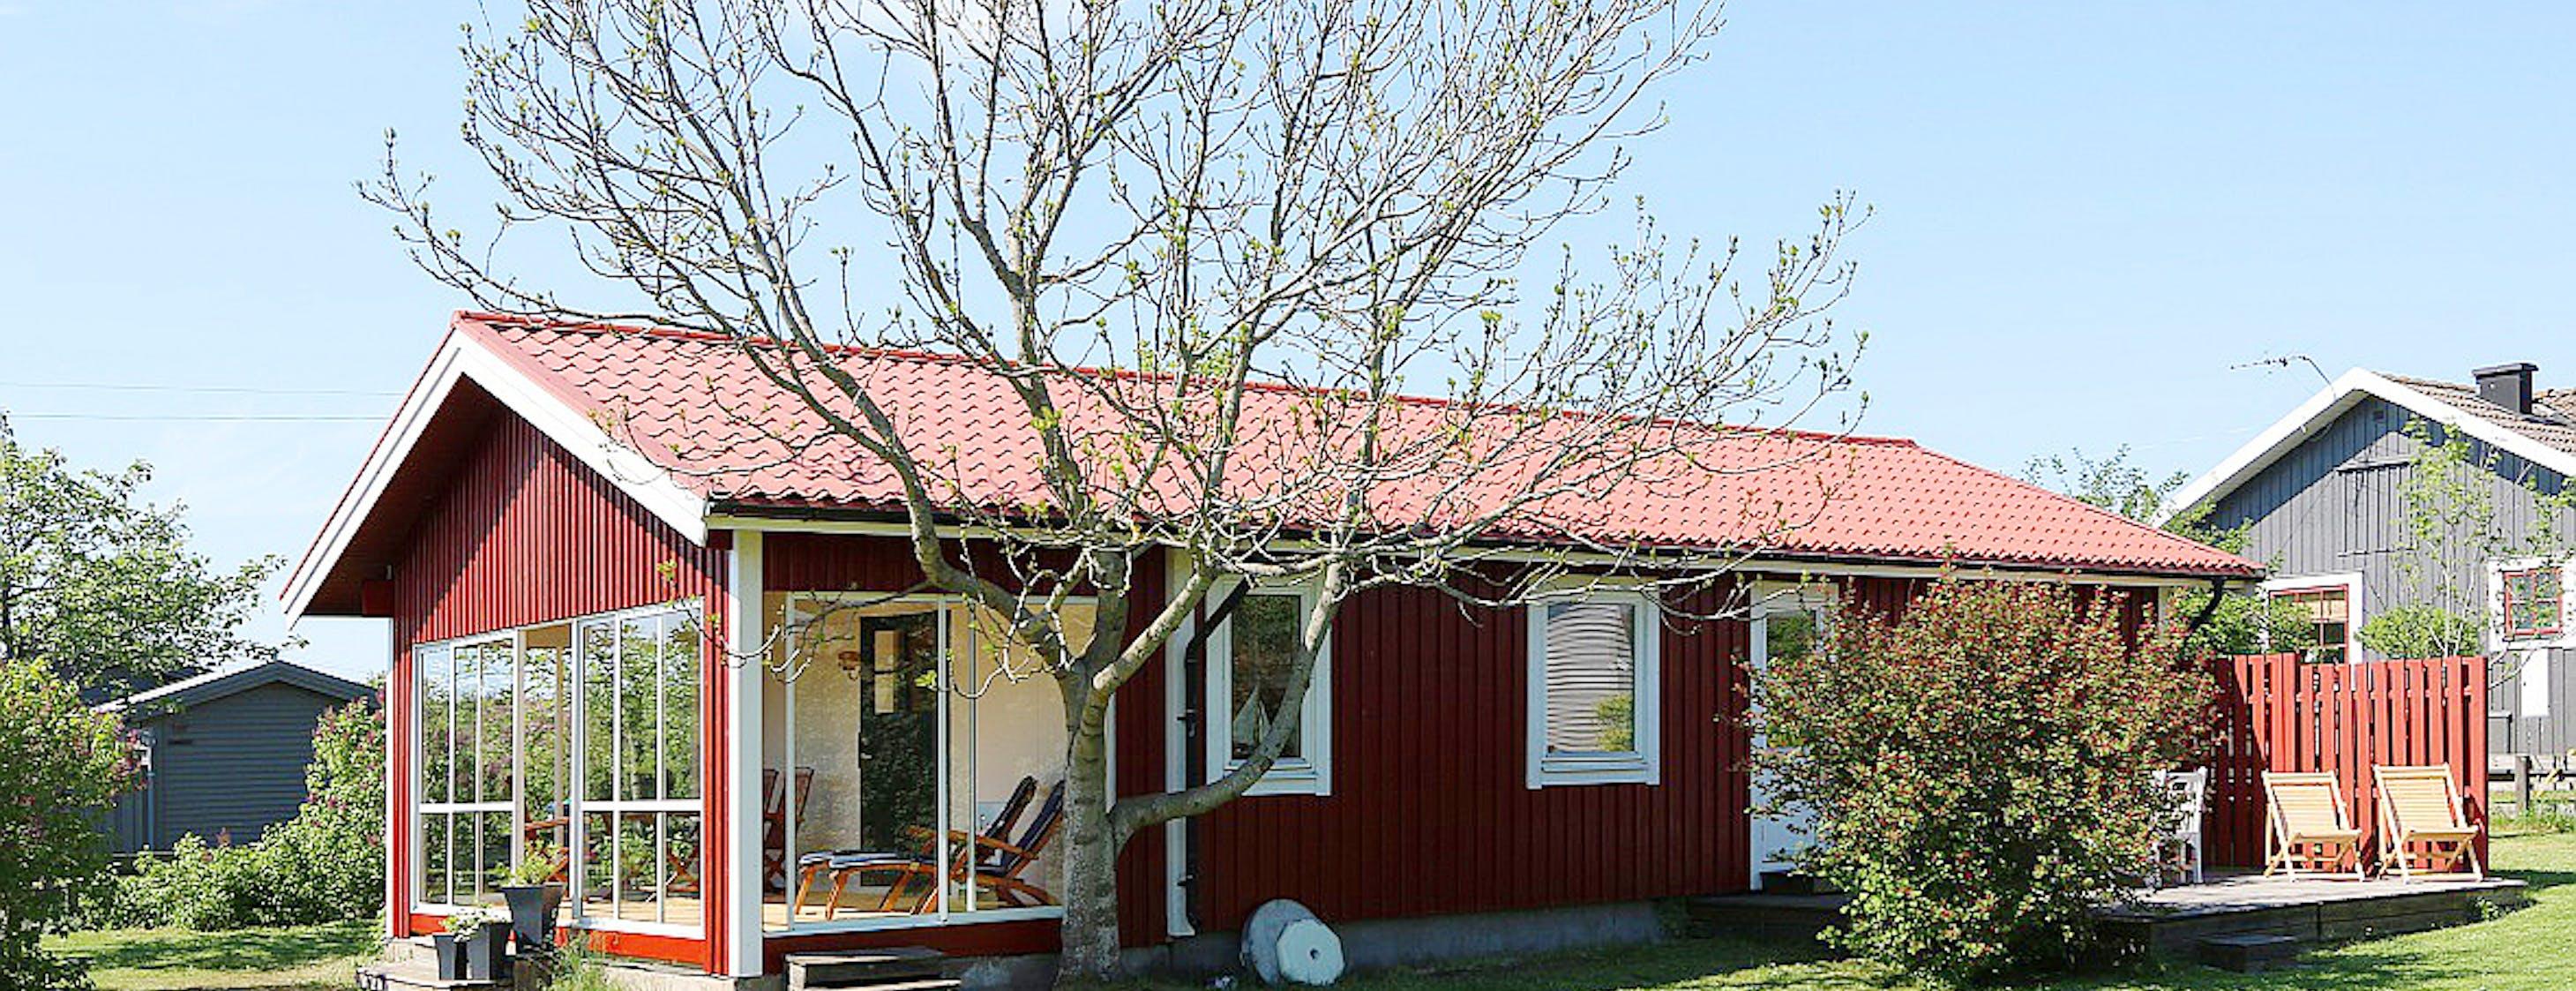 Vallmogatan 18 Sandvik